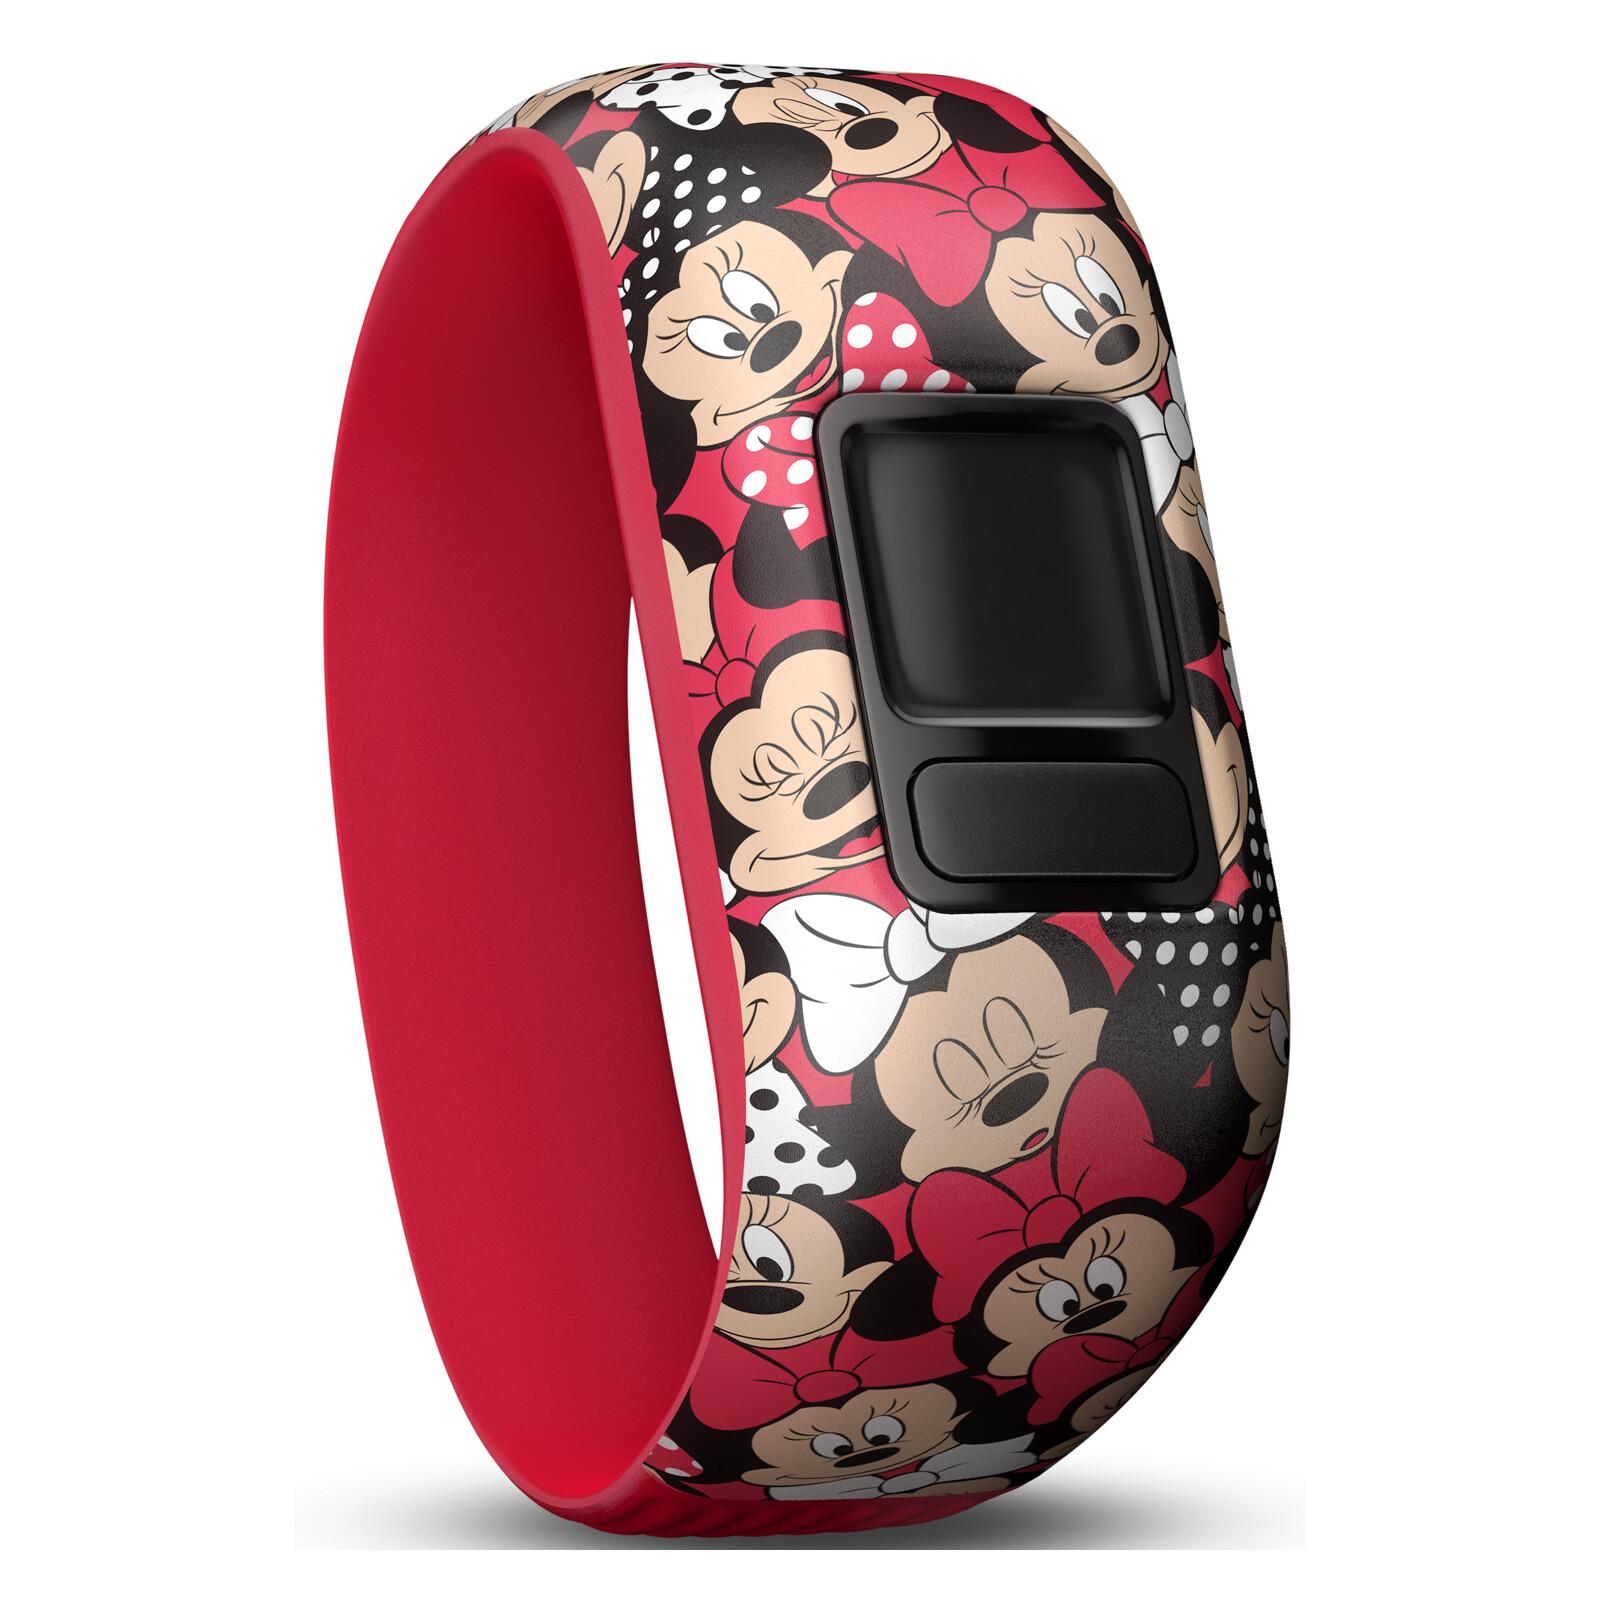 Garmin Disney Minnie Mouse Band elastisch